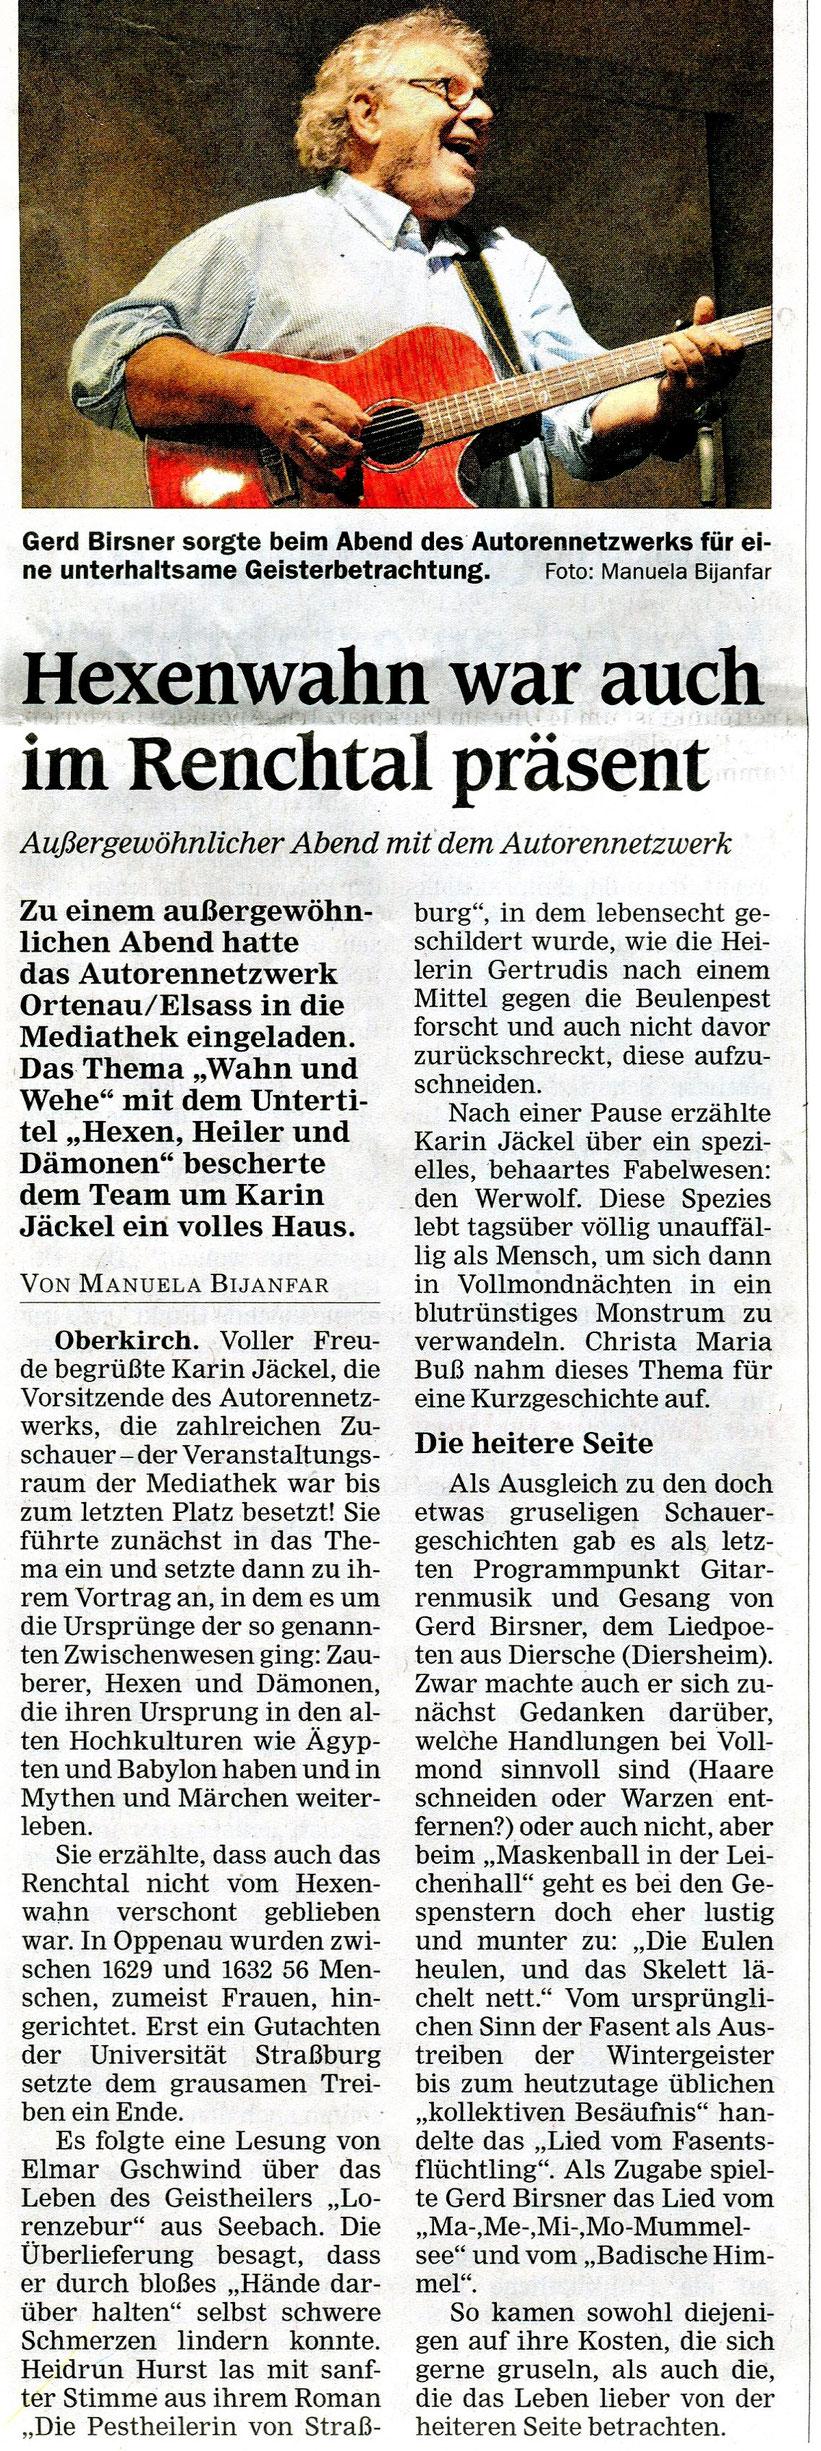 Mittelbadische Presse ARZ Oberkirch, 22. 01.2020